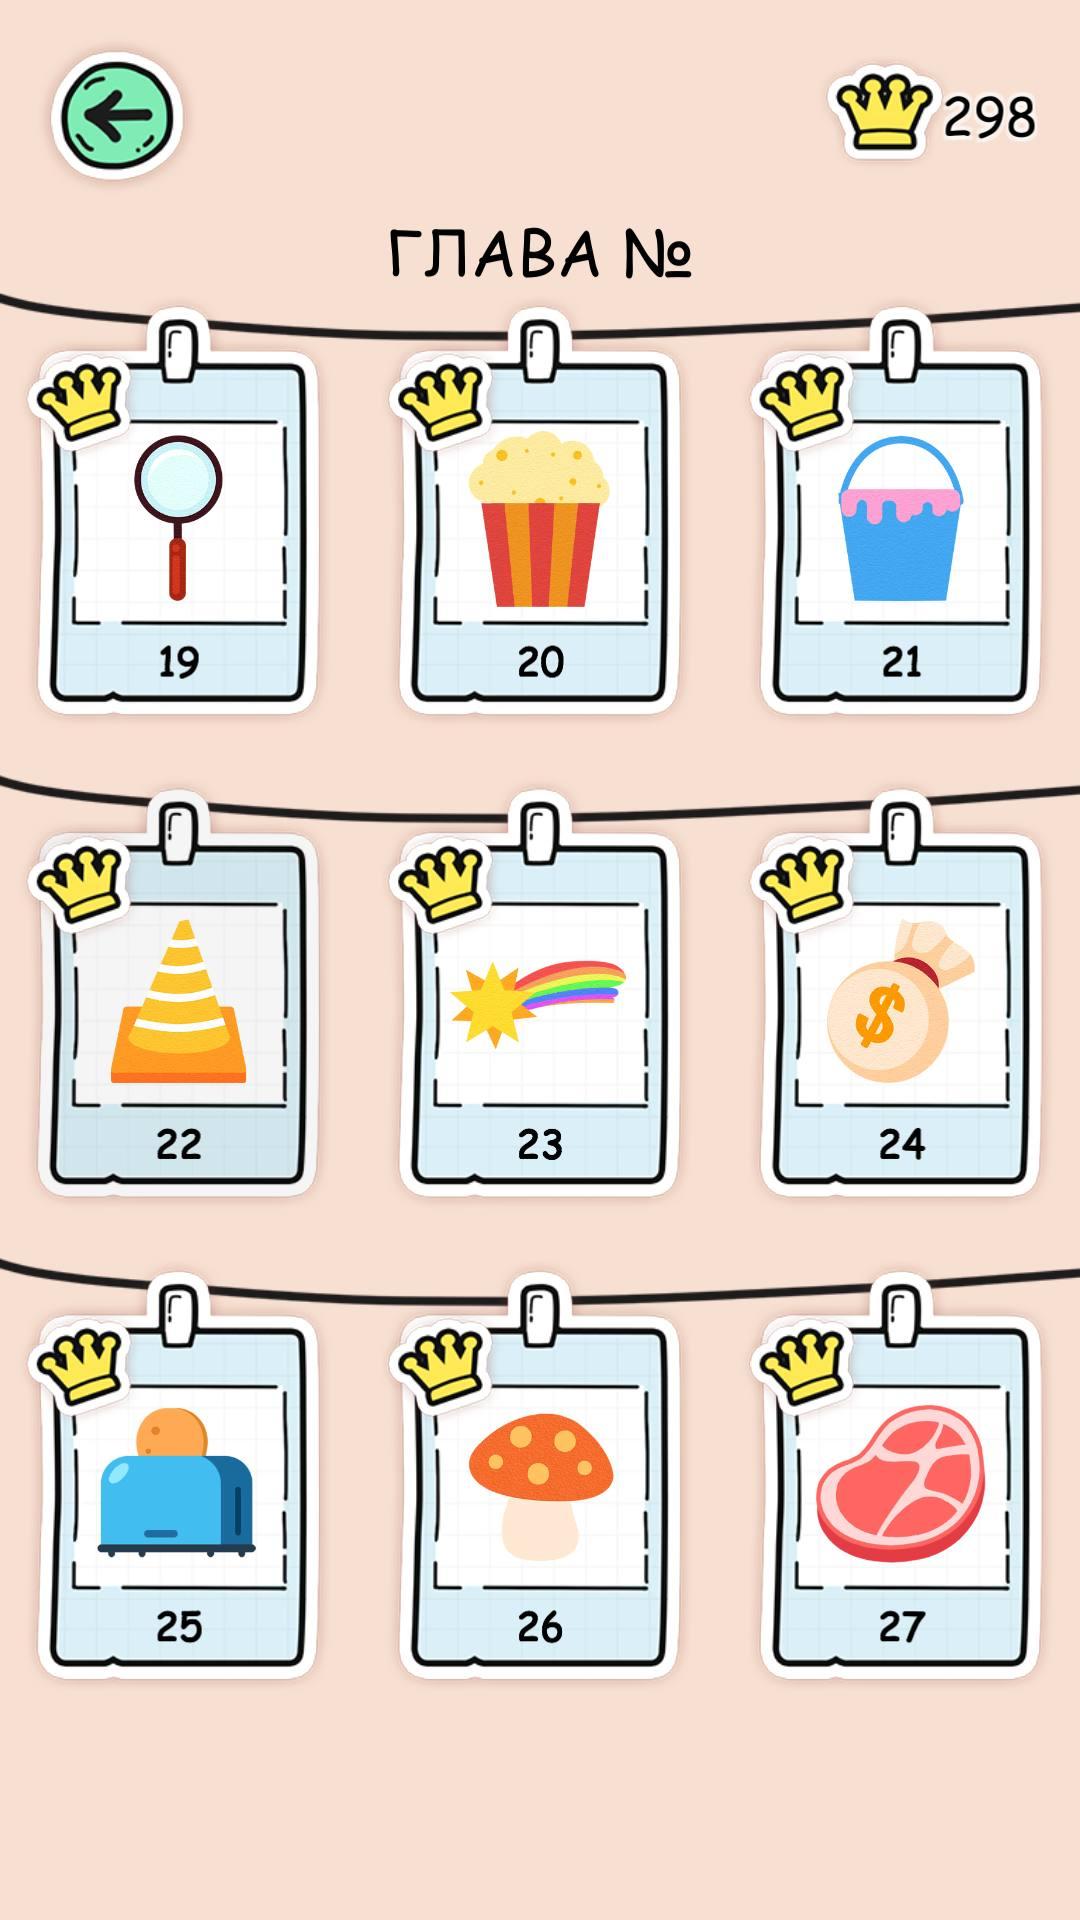 Прохождение игры Puzzle Fuzzle 19-27 уровень